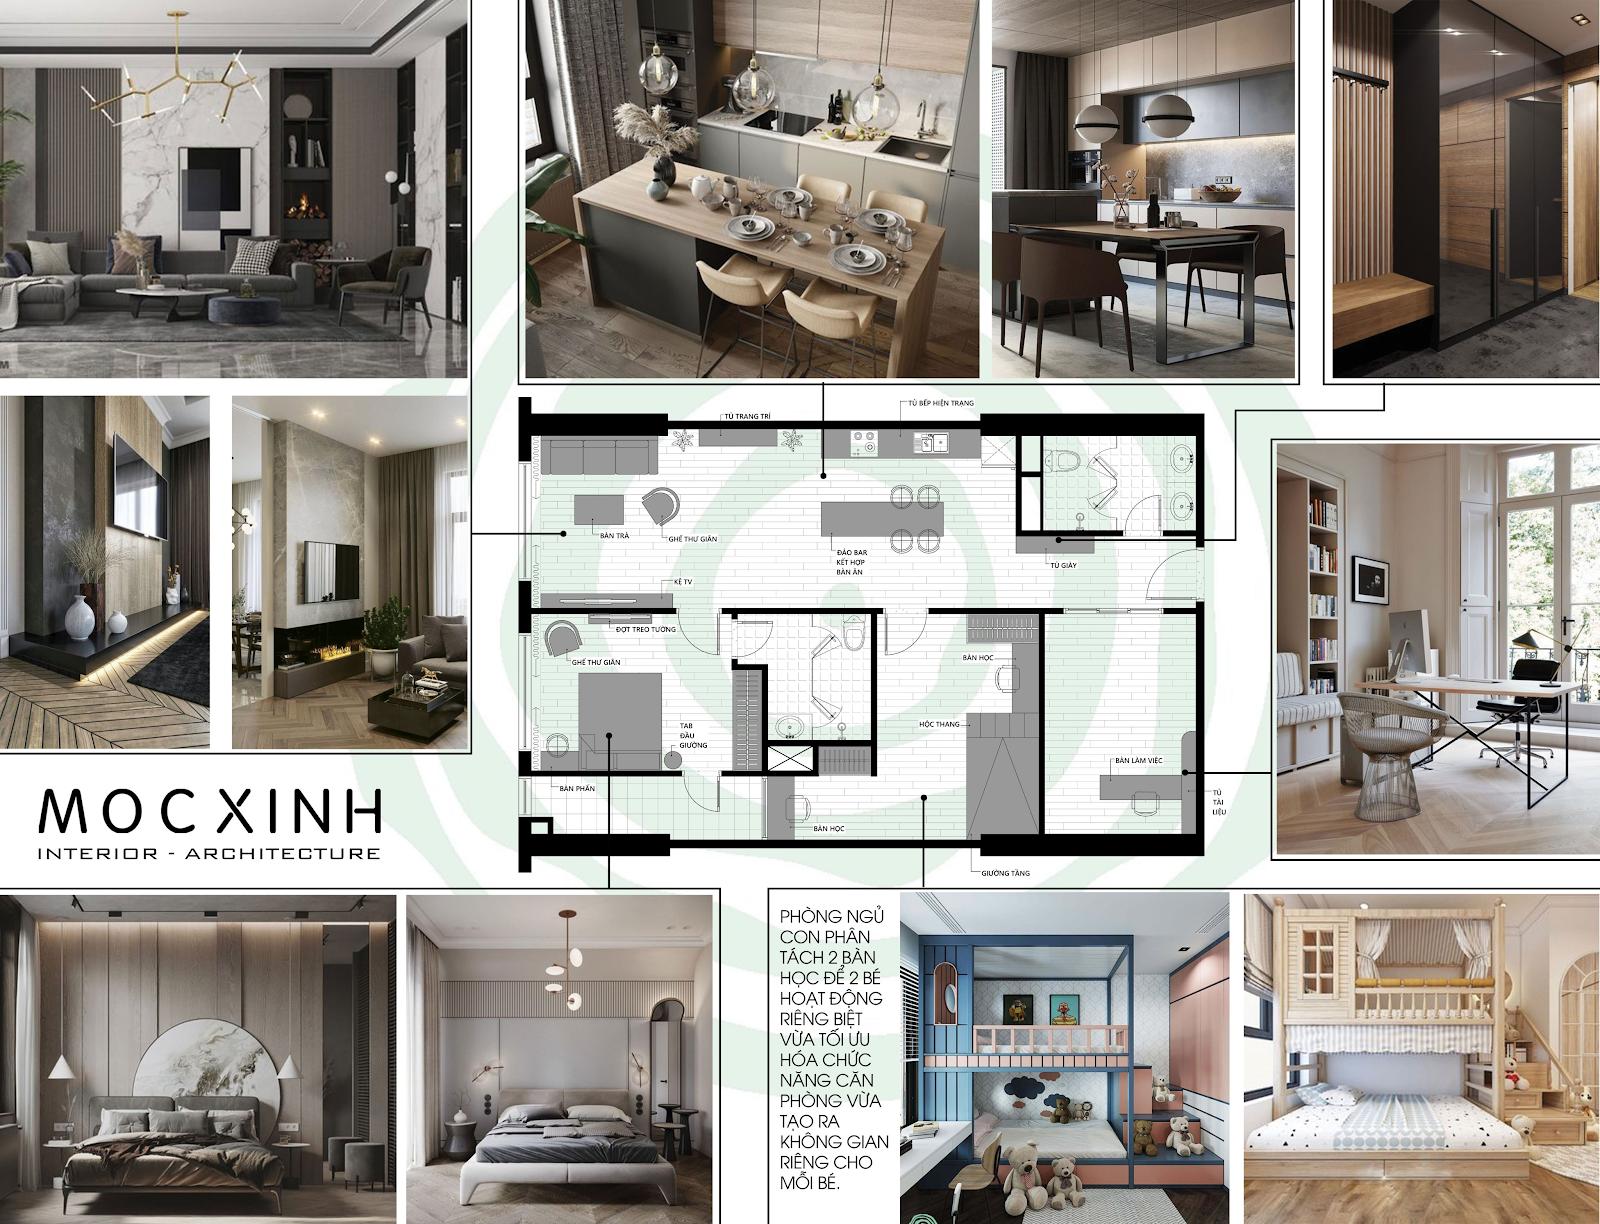 Những ý tưởng độc đáo cho thiết kế nội thất căn hộ chung cư hiện đại đẹp nhất - Ảnh 8.